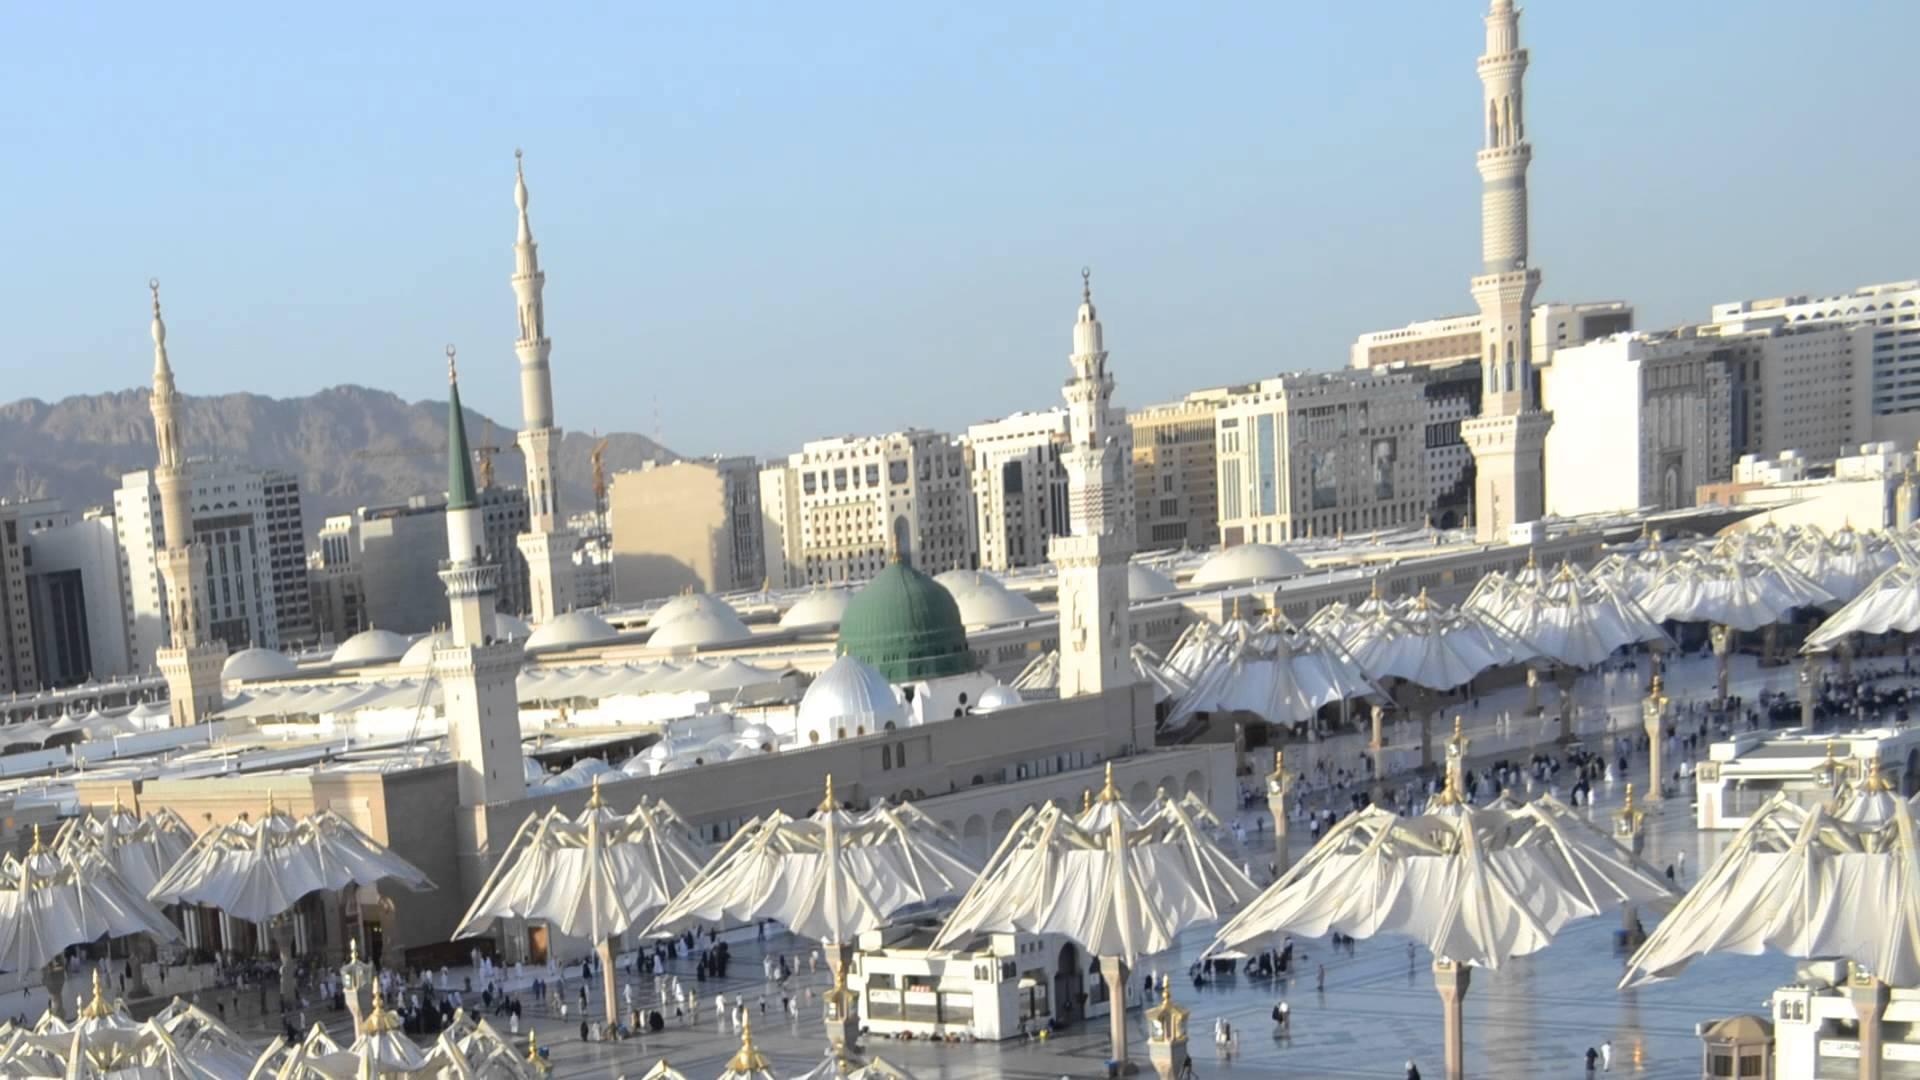 صور المسجد النبوي الشريف 5077-15